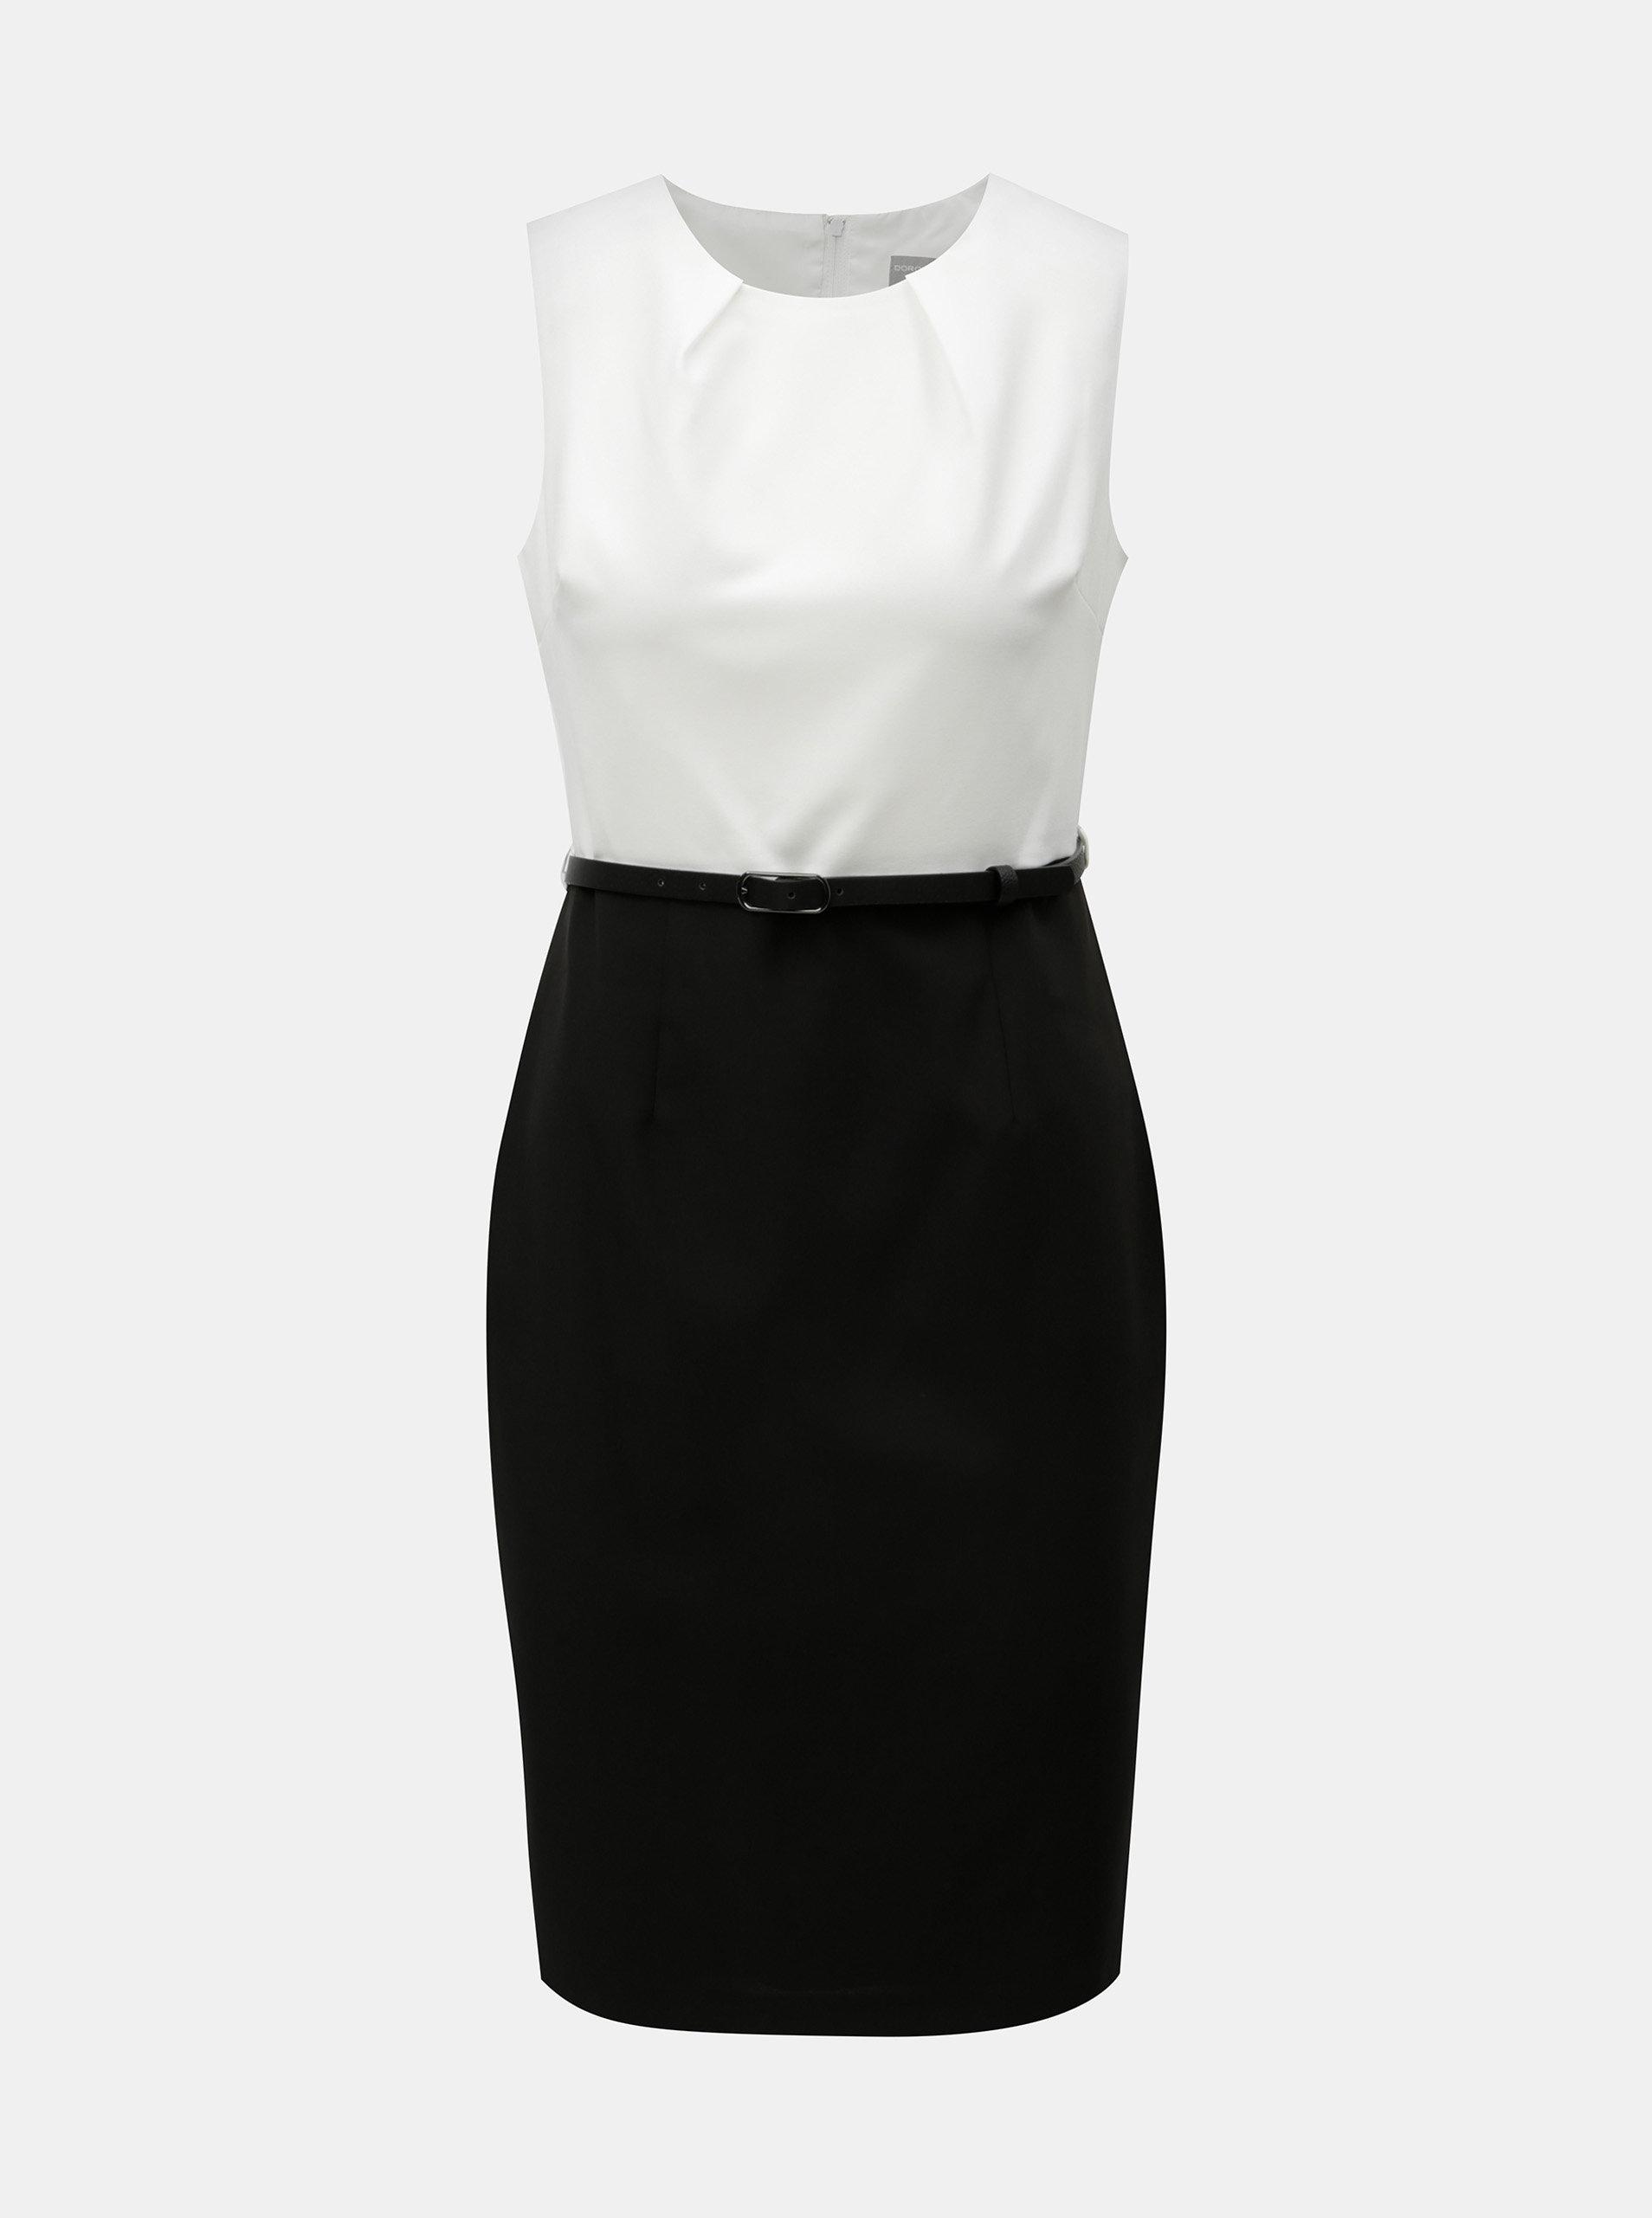 Bielo-čierne puzdrové šaty s odnímateľným opaskom Dorothy Perkins Petite ... c8f7753e03f